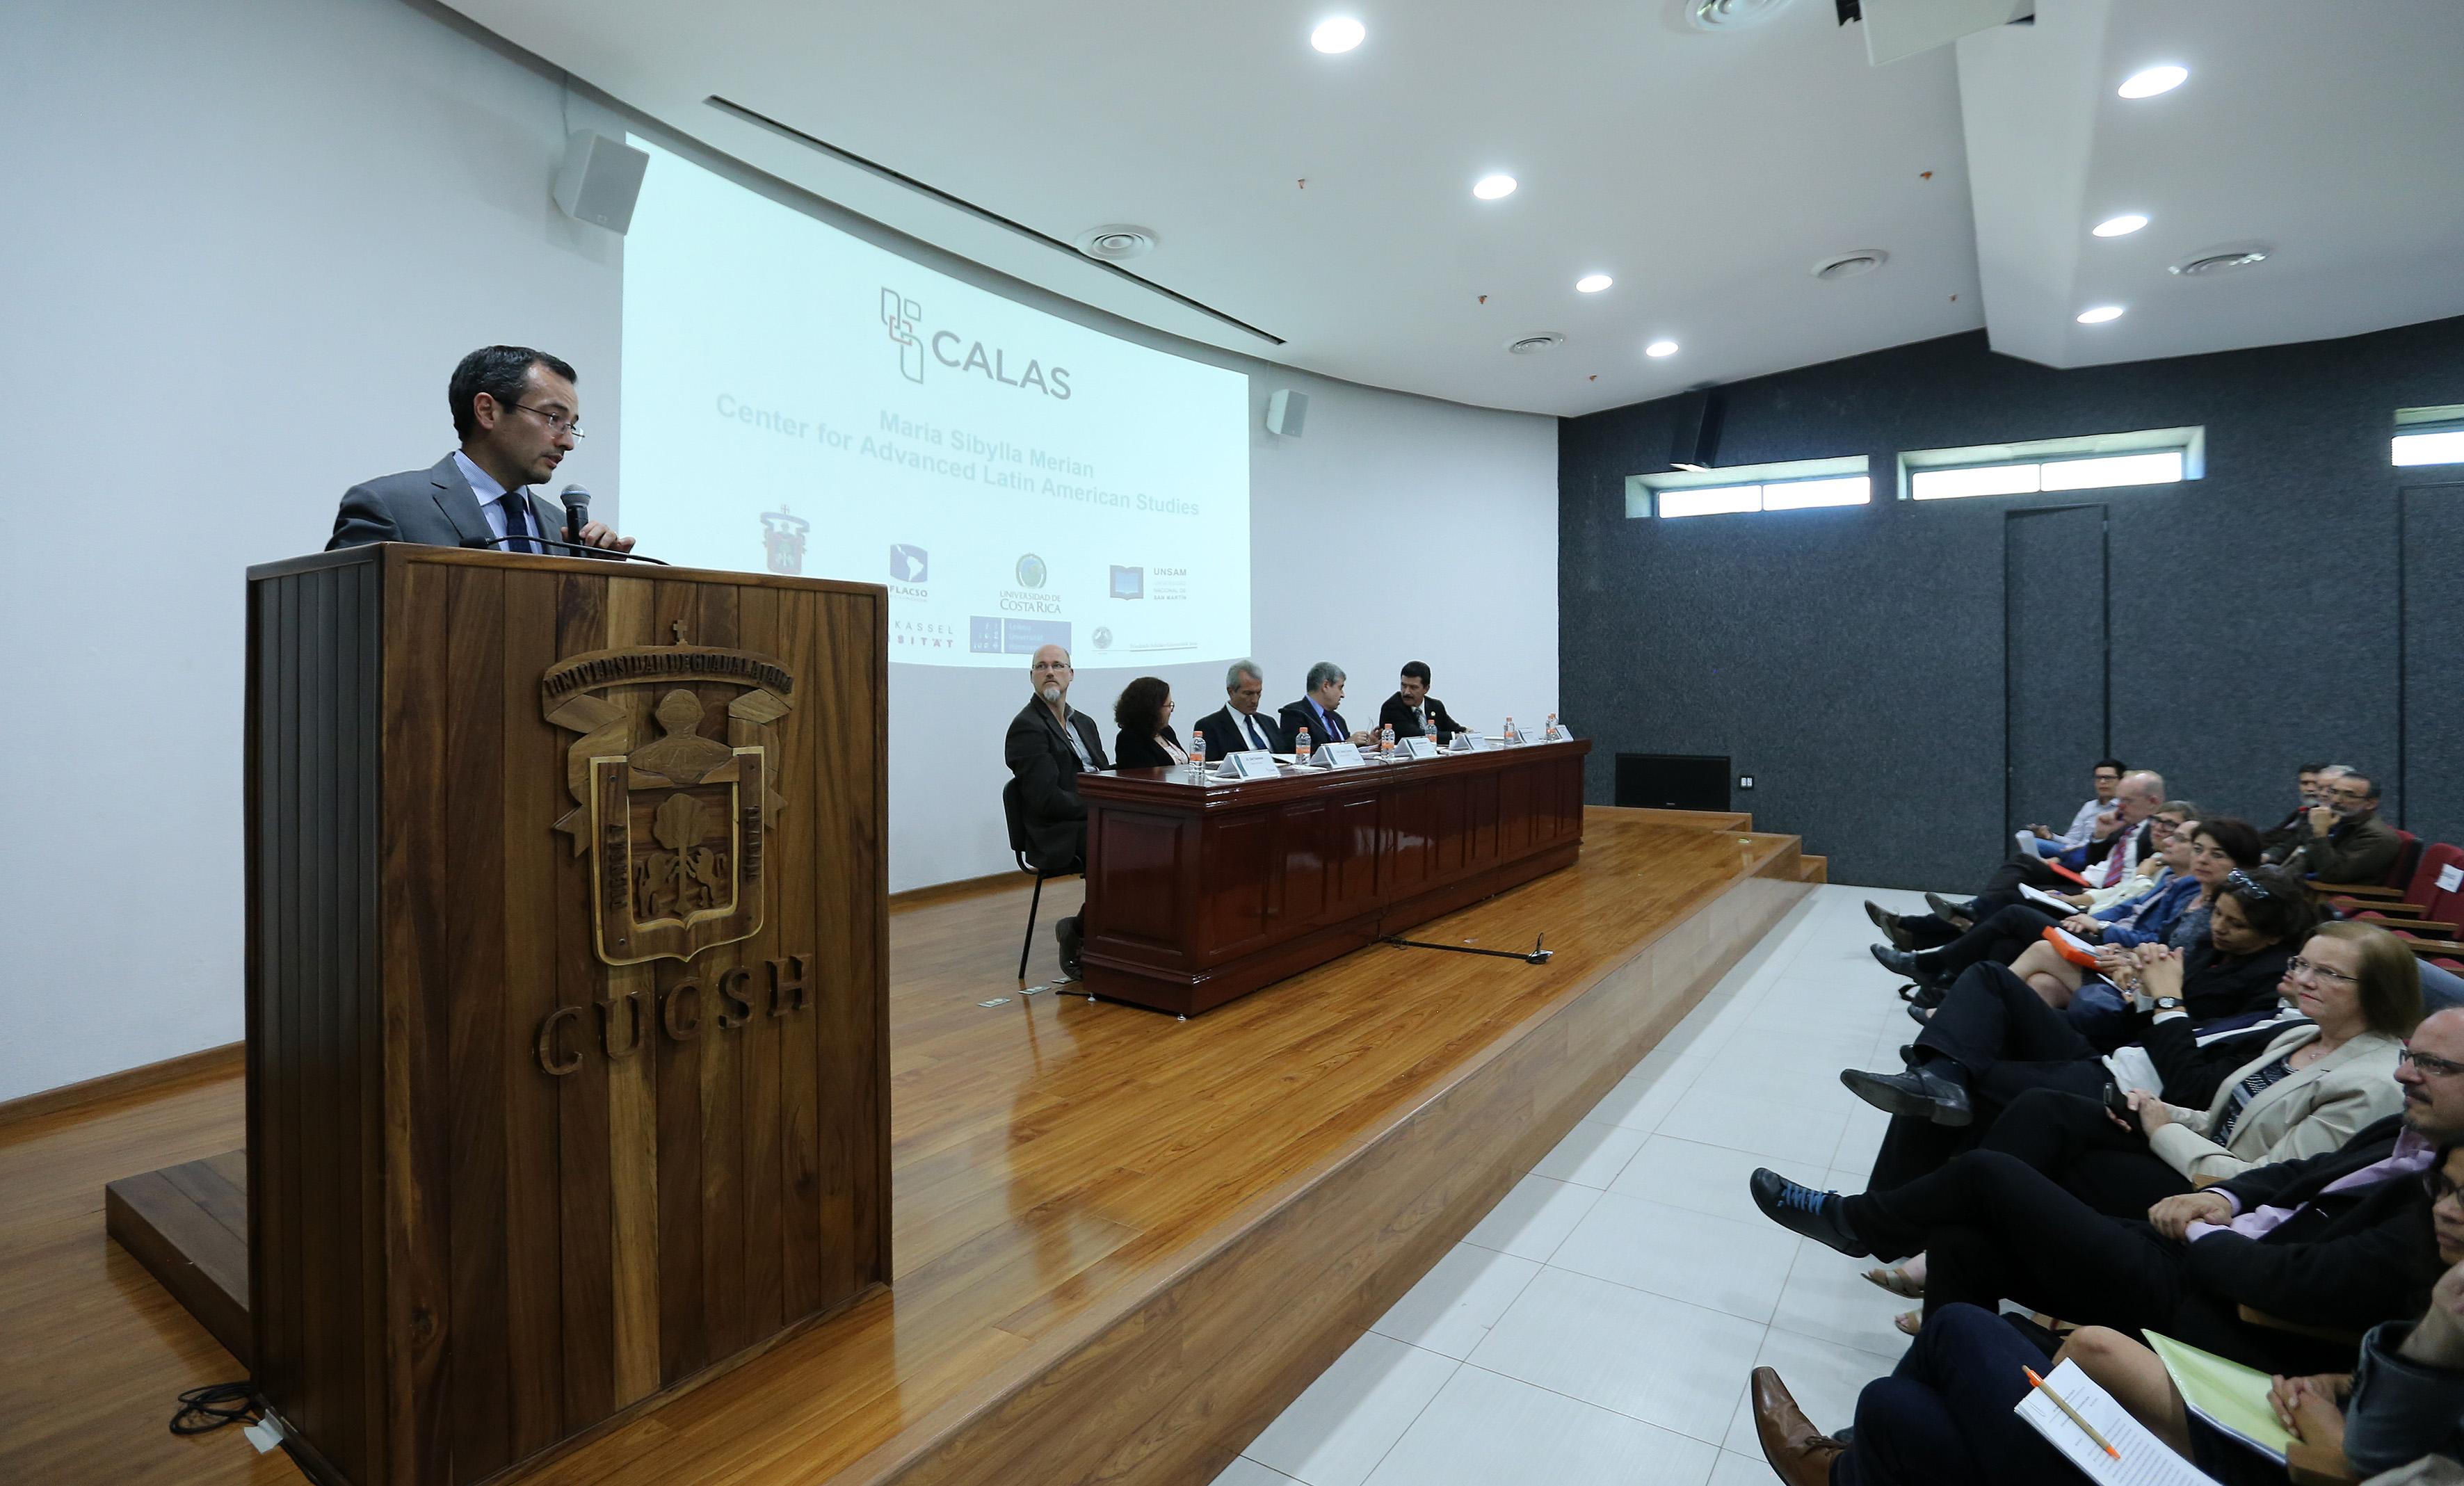 Carlos Iván Moreno Arellano, coordinador General de Planeación y Desarrollos Institucional haciendo uso de la palabra.